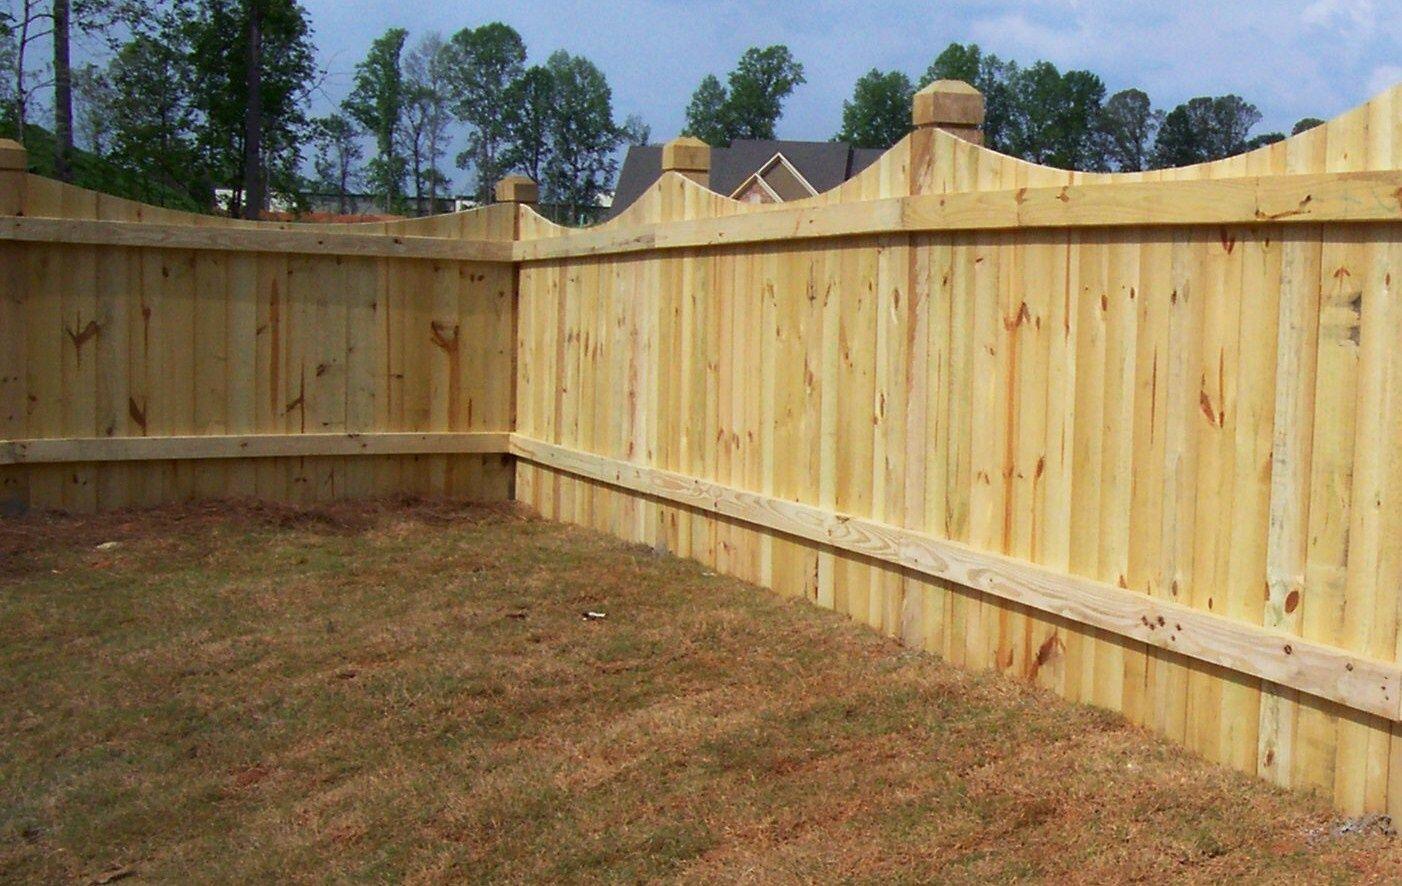 Saddle cut wood fence design mossy oak fence company orlando saddle cut wood fence design mossy oak fence company orlando melbourne baanklon Choice Image